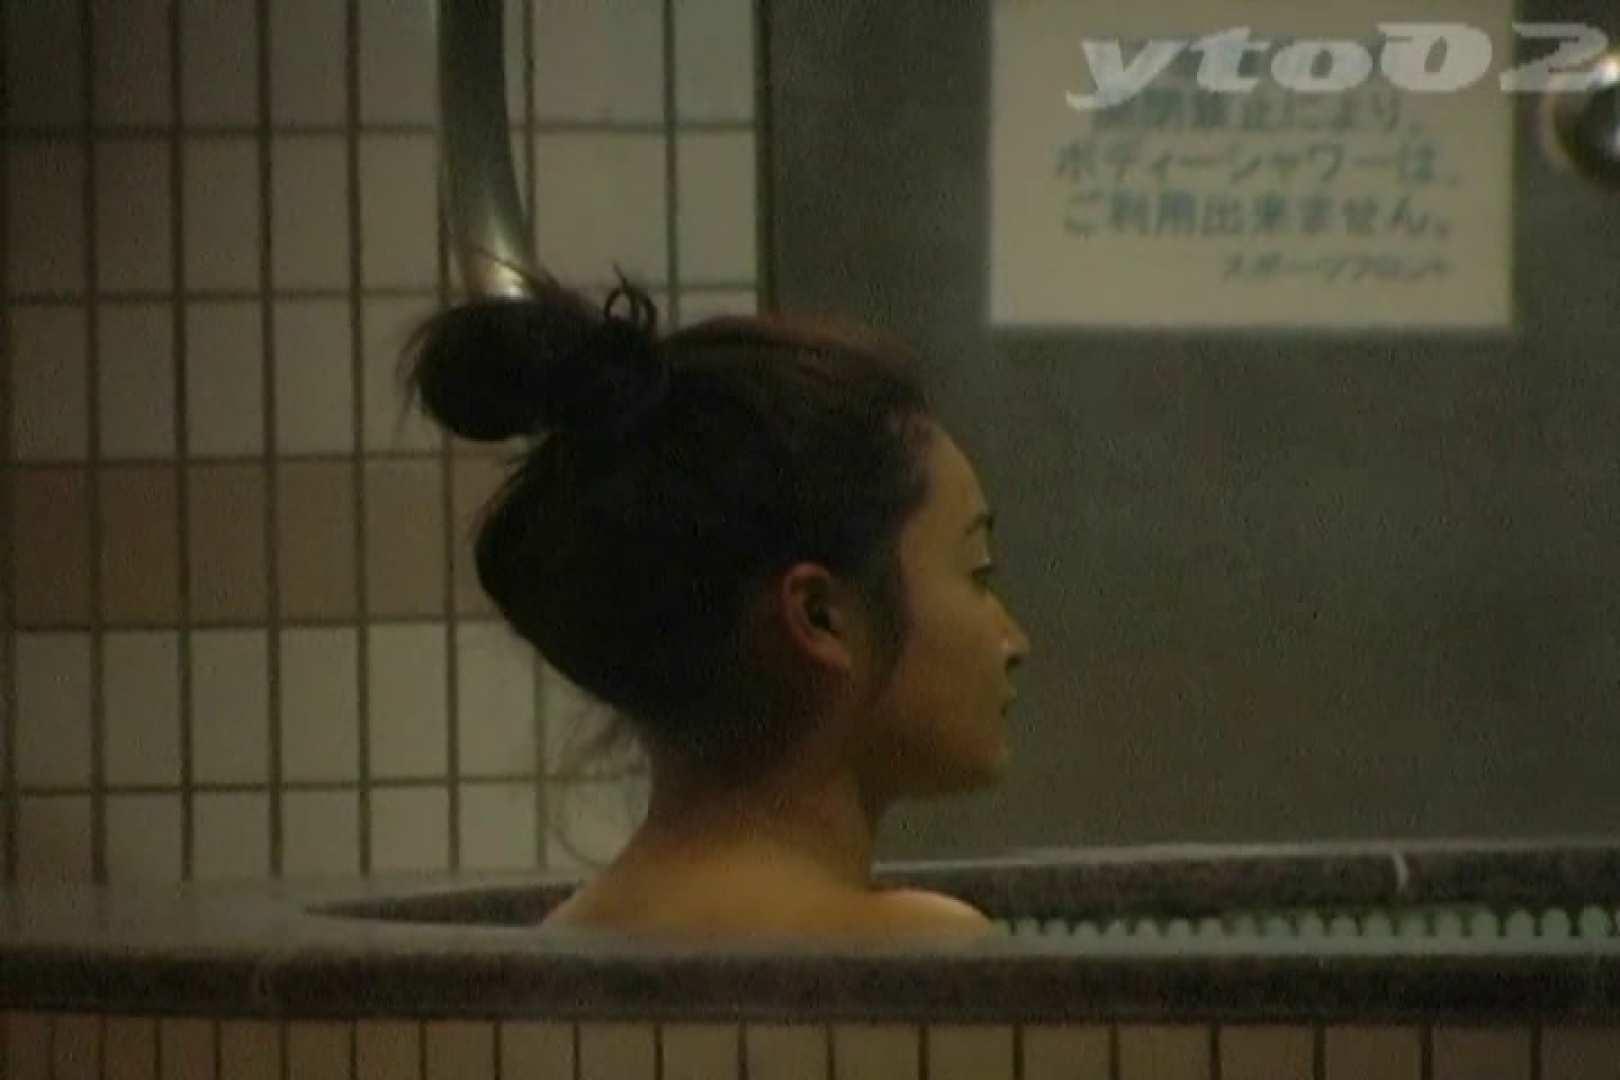 ▲復活限定▲合宿ホテル女風呂盗撮 Vol.11 合宿 SEX無修正画像 110枚 103